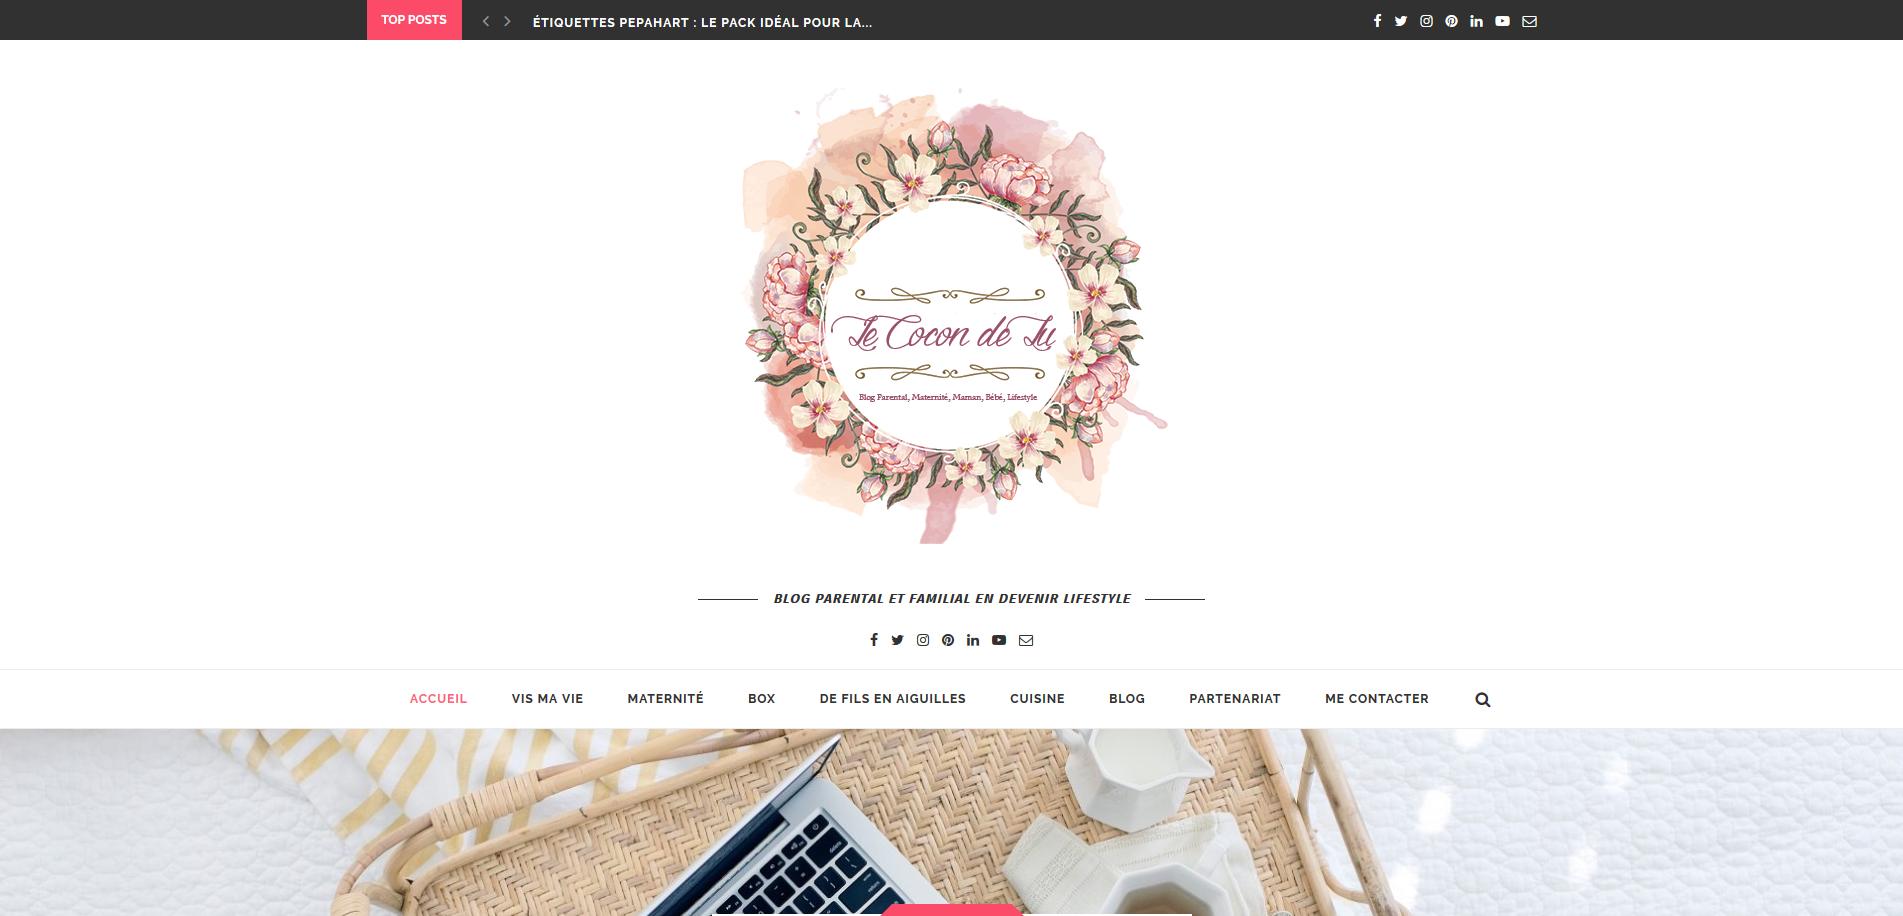 Blog LeCocondeLu